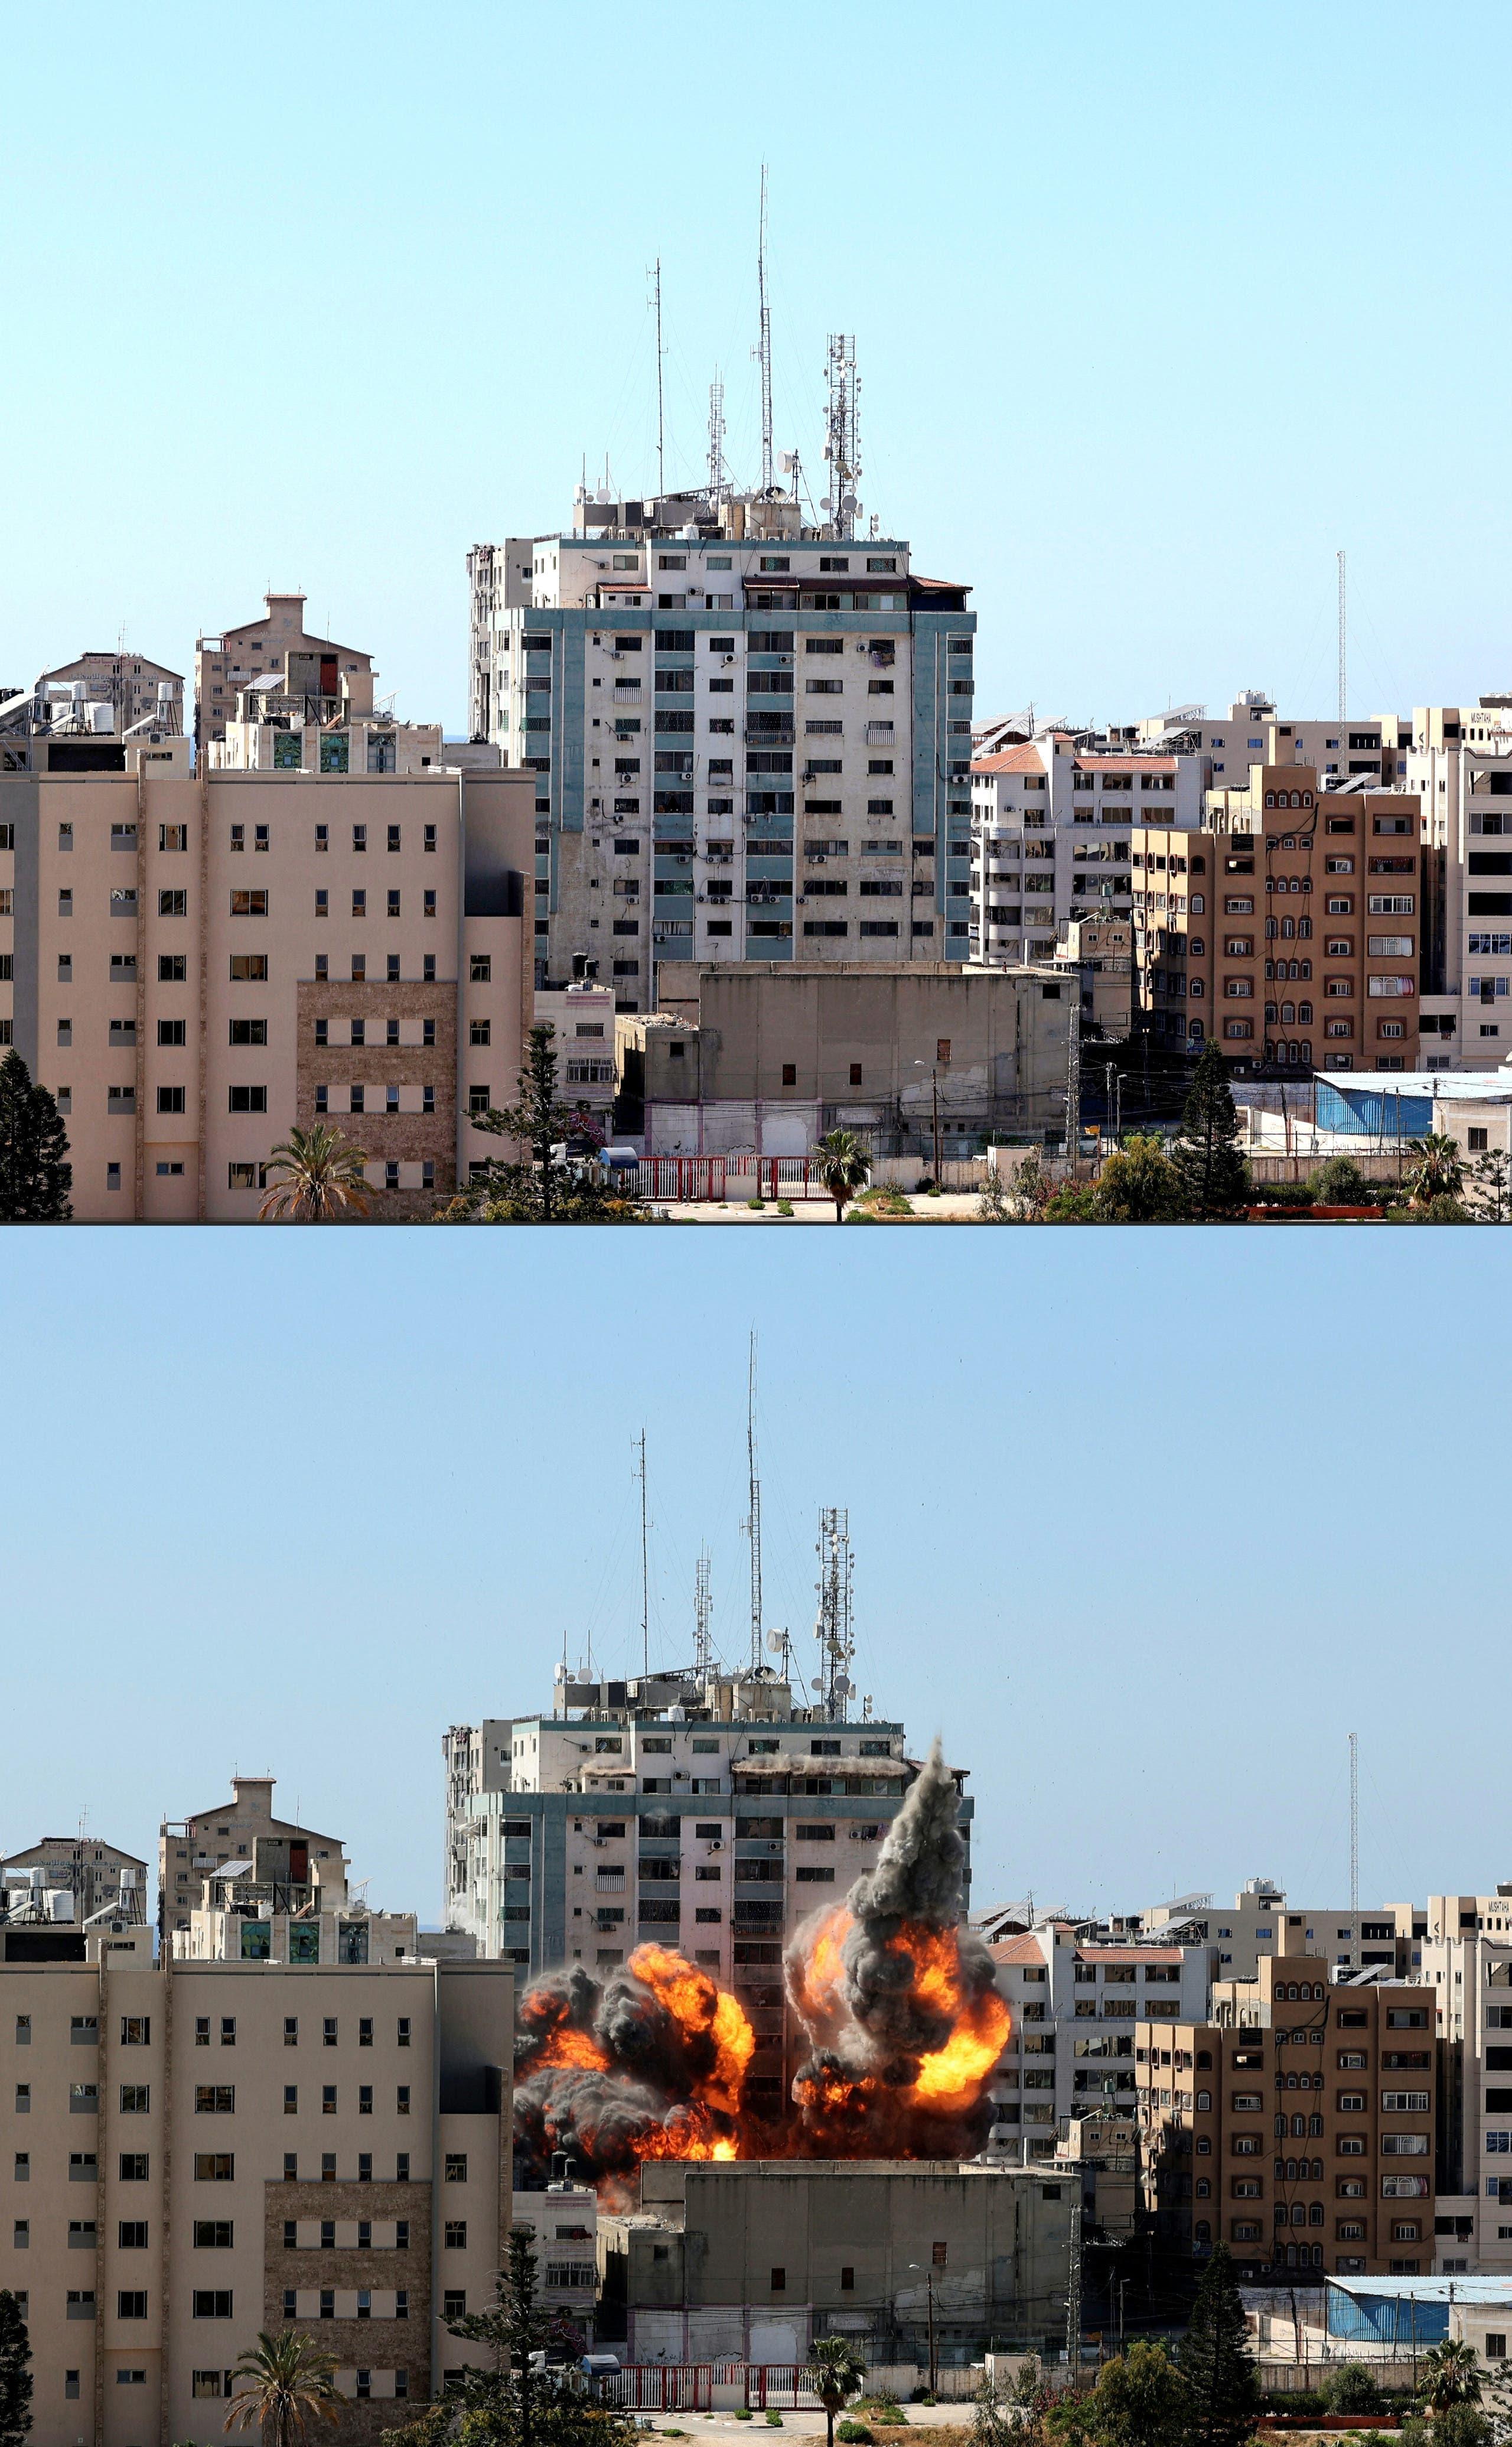 برج الجلاء في غزة الذي يحوي مكاتب اعلامية وصحفية قصفته إسرائيل ودمرته بالكامل 15 مايو 2021 رويترز